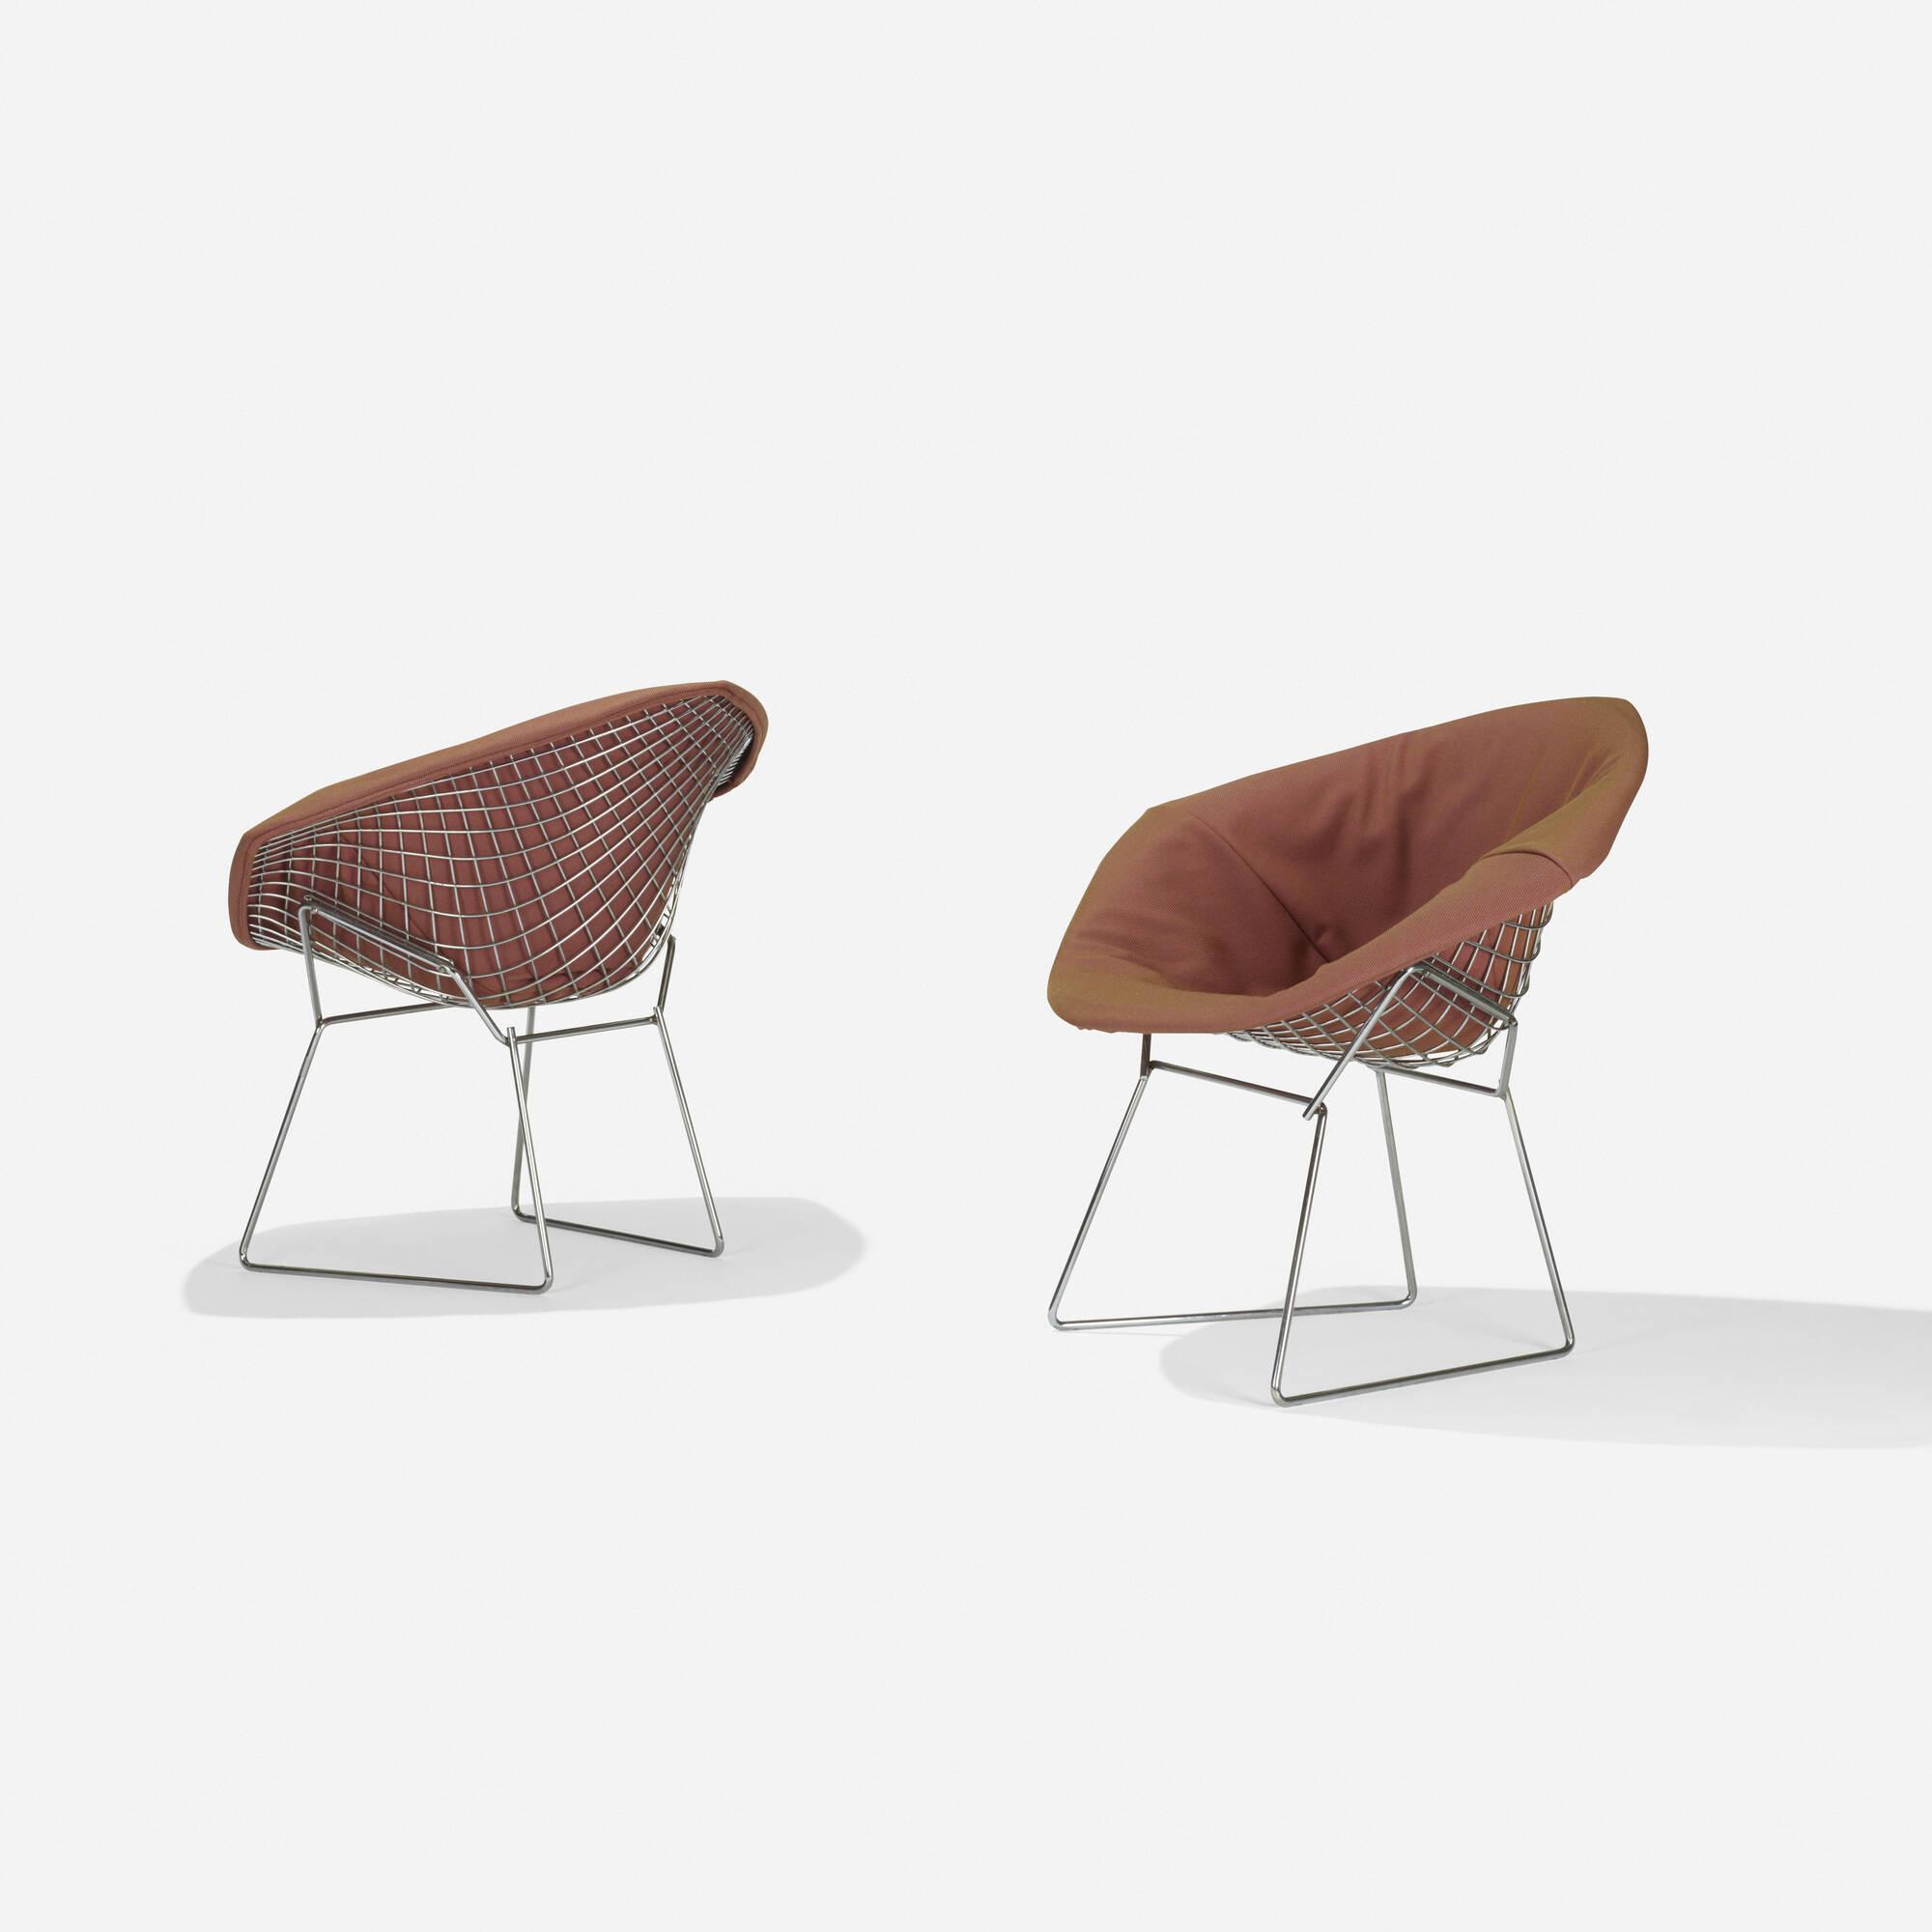 193: Harry Bertoia / Diamond Chairs, Pair (1 Of 2)